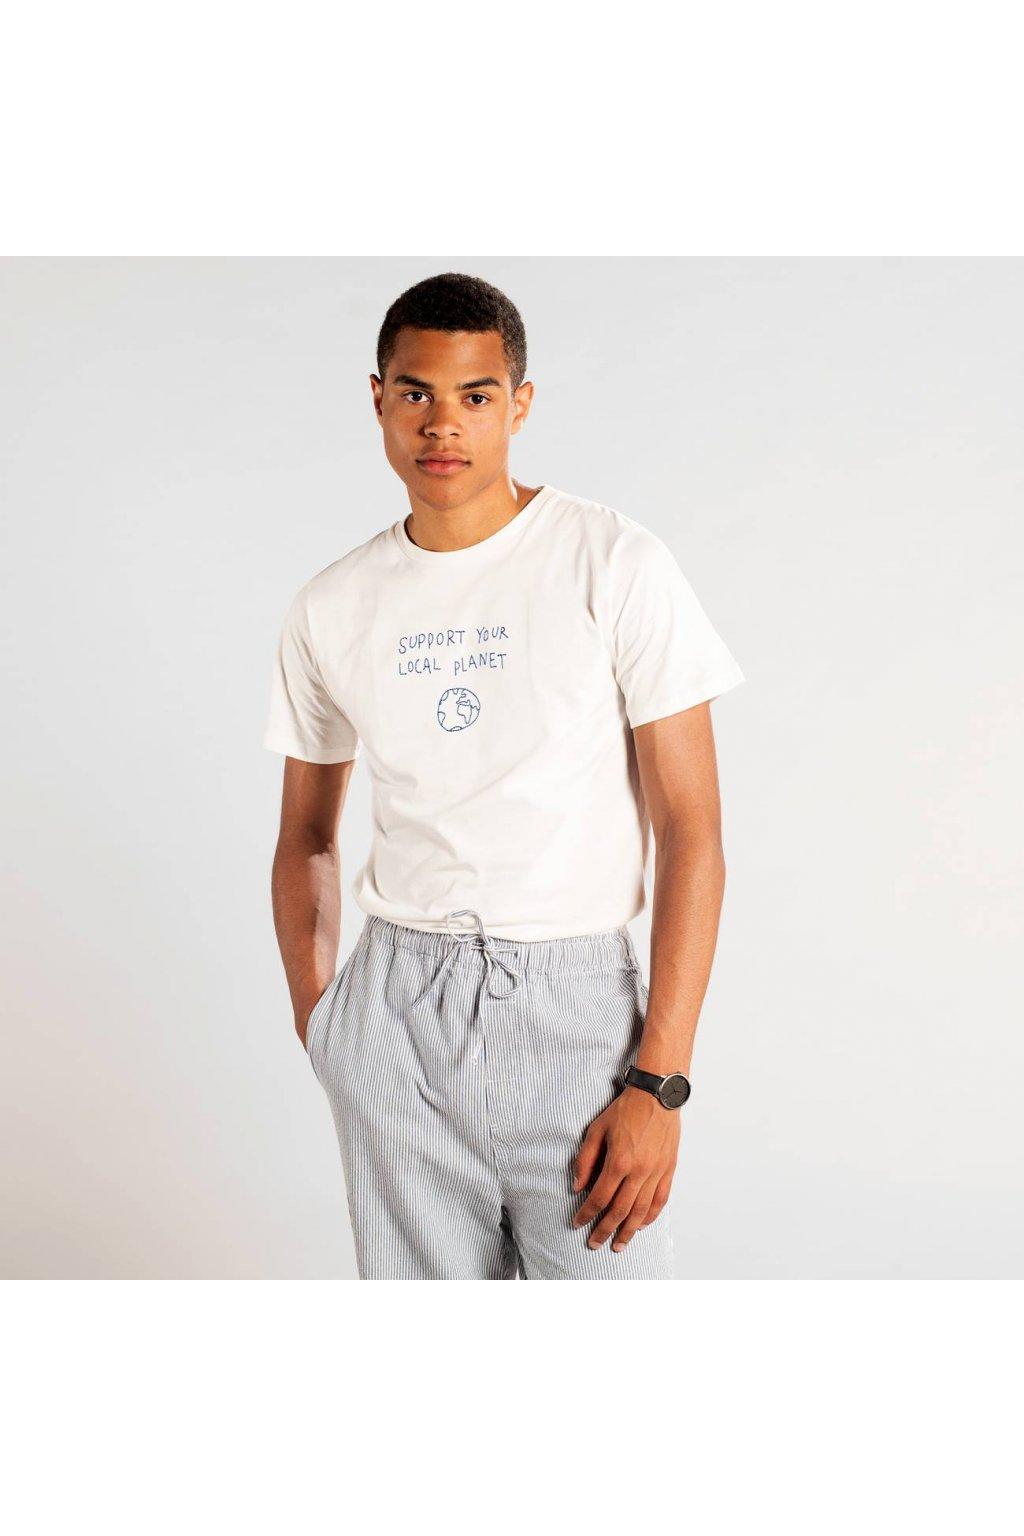 """Pánske biele tričko s výšivkou """"Stockholm Local Planet Off-White"""""""